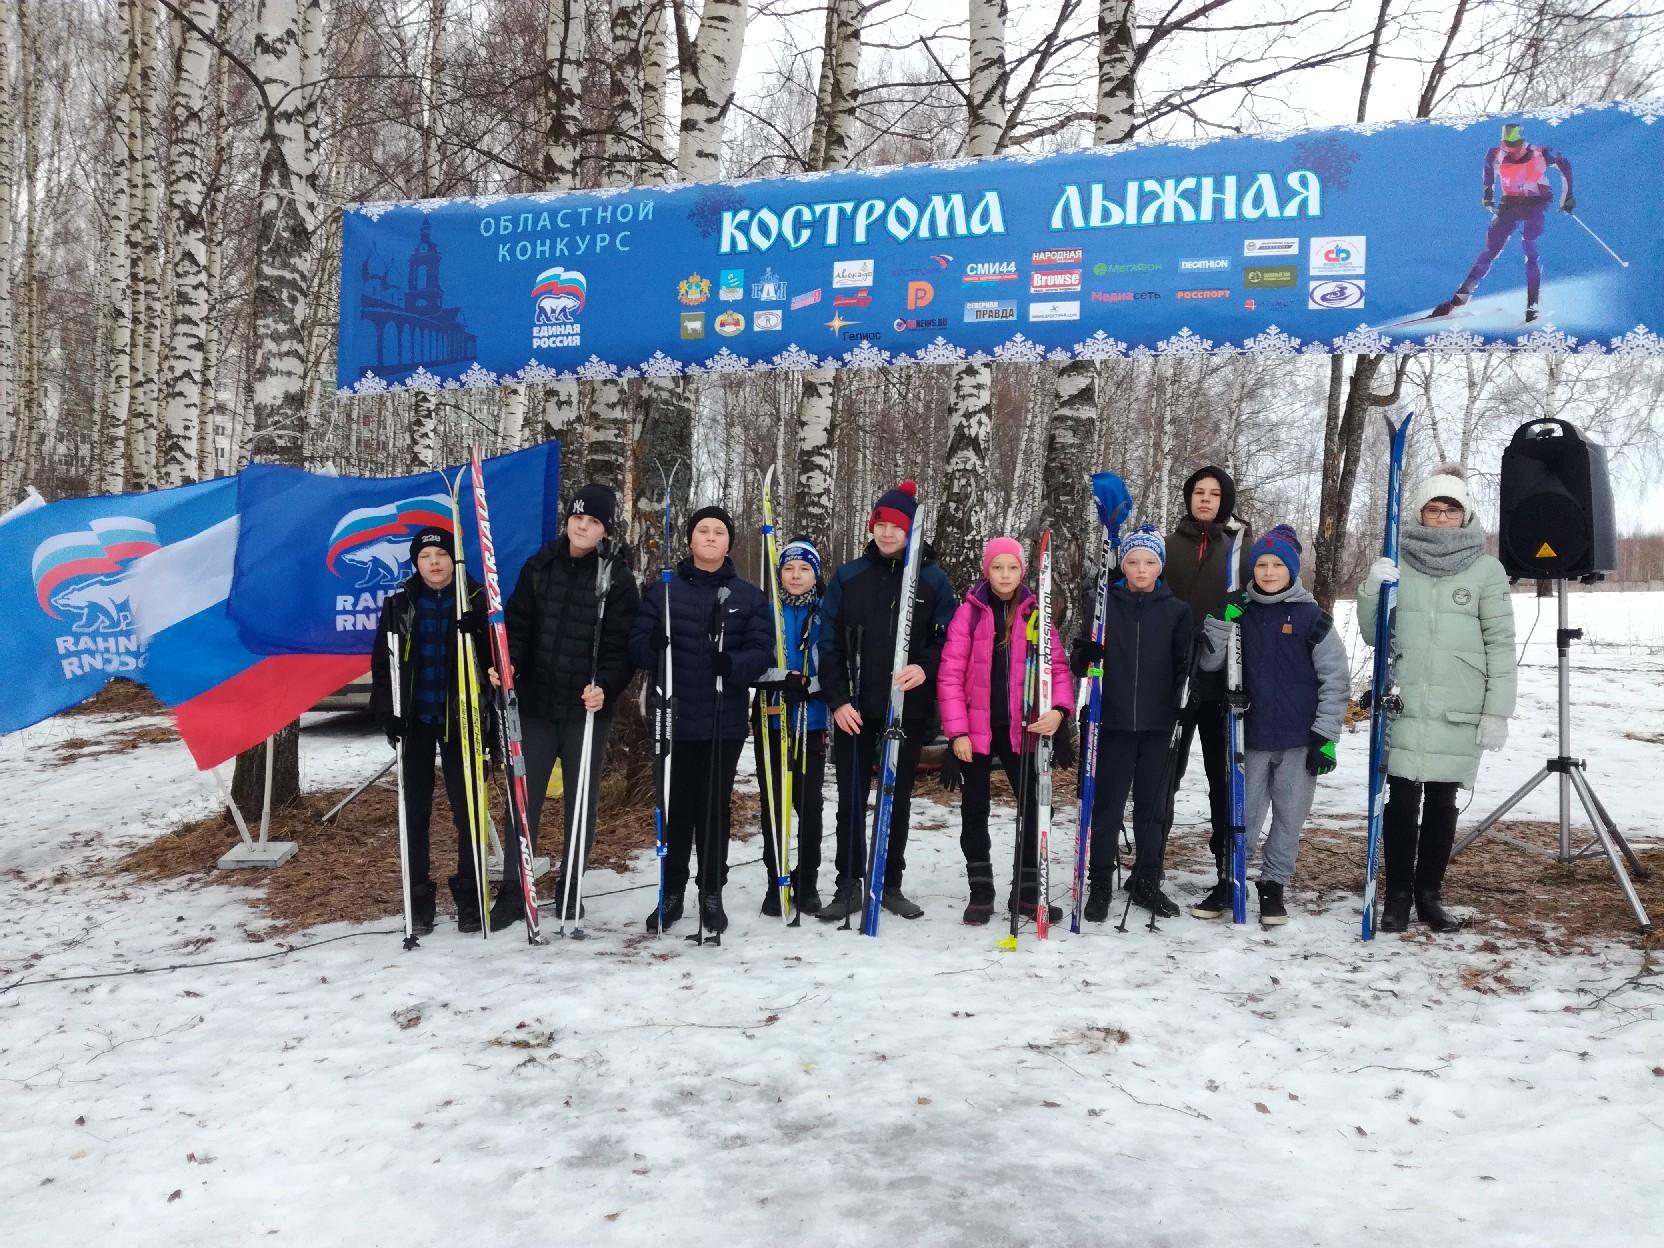 Сегодня  в эфир нашего телеканала выйдет четвёртый выпуск программы «Кострома лыжная»